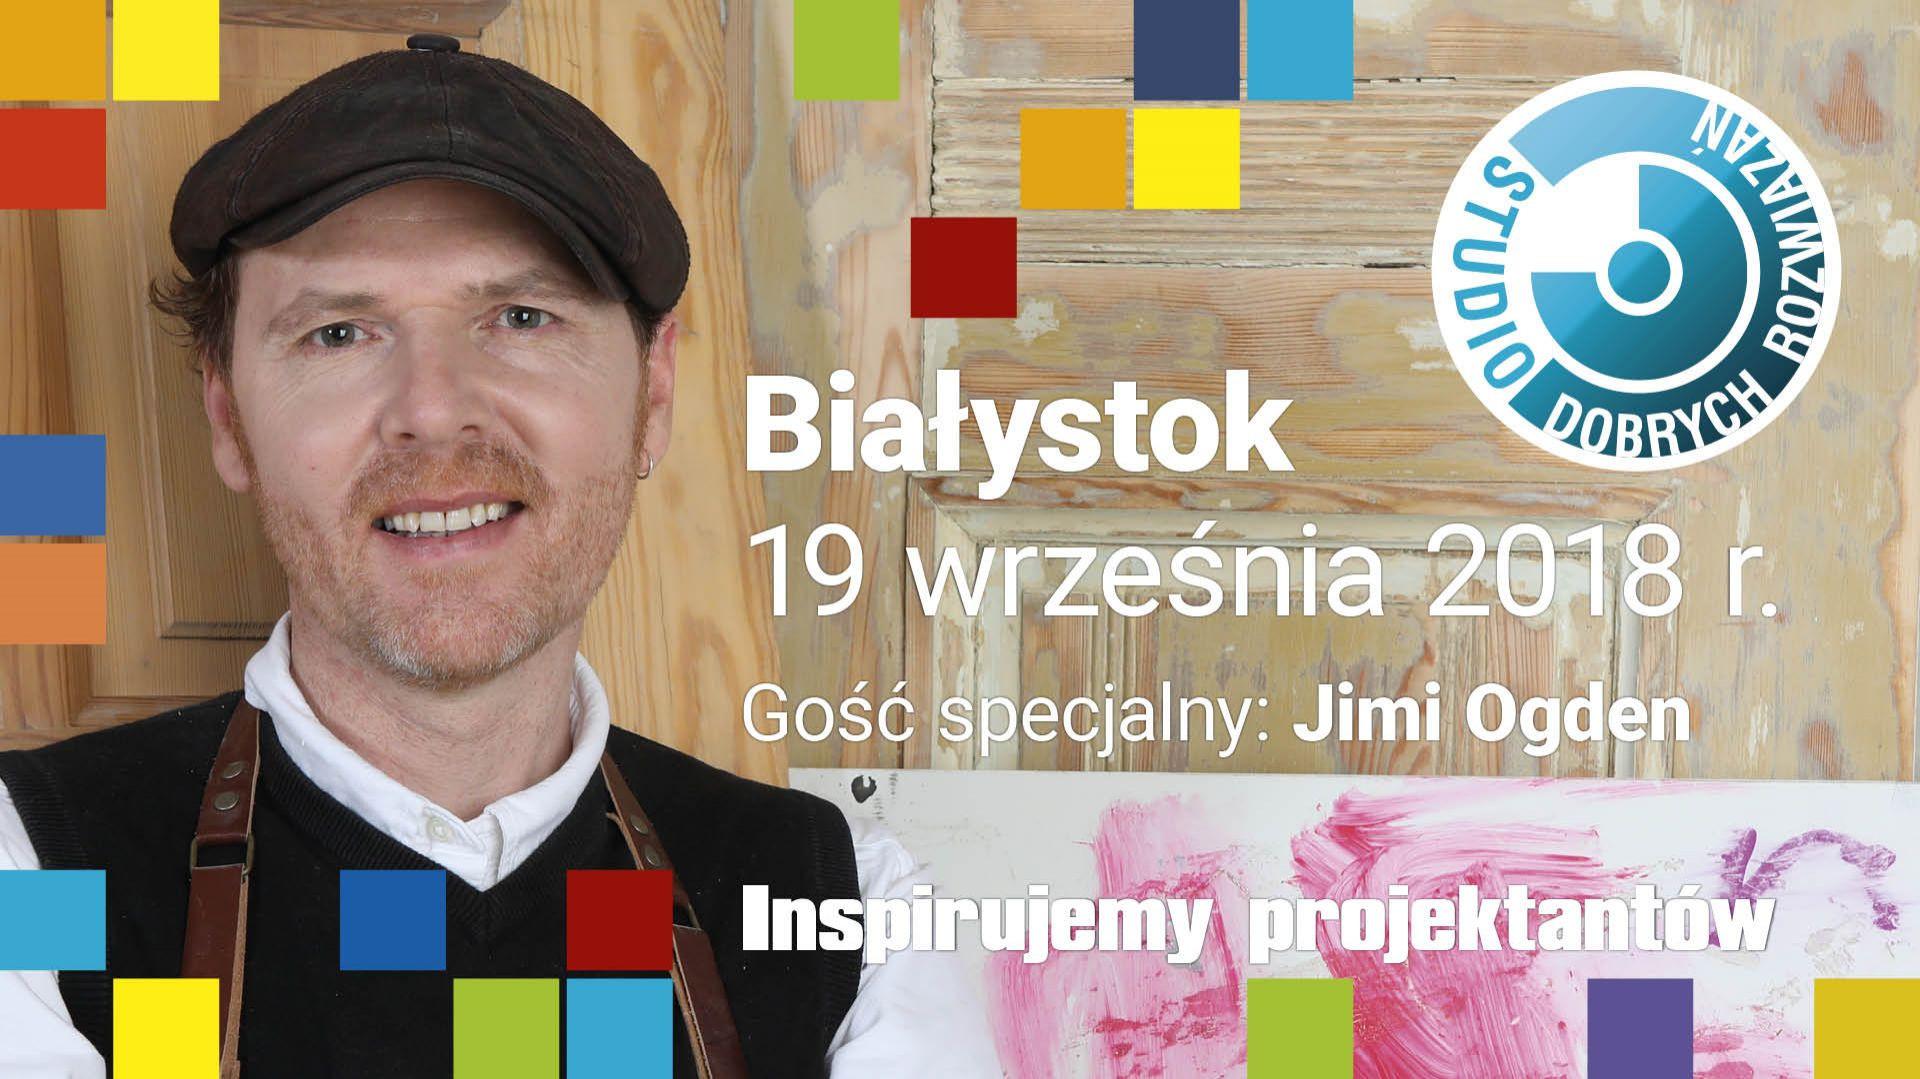 jimi Ogden - gość specjalny Studia Dobrych Rozwiązań w Białymstoku.